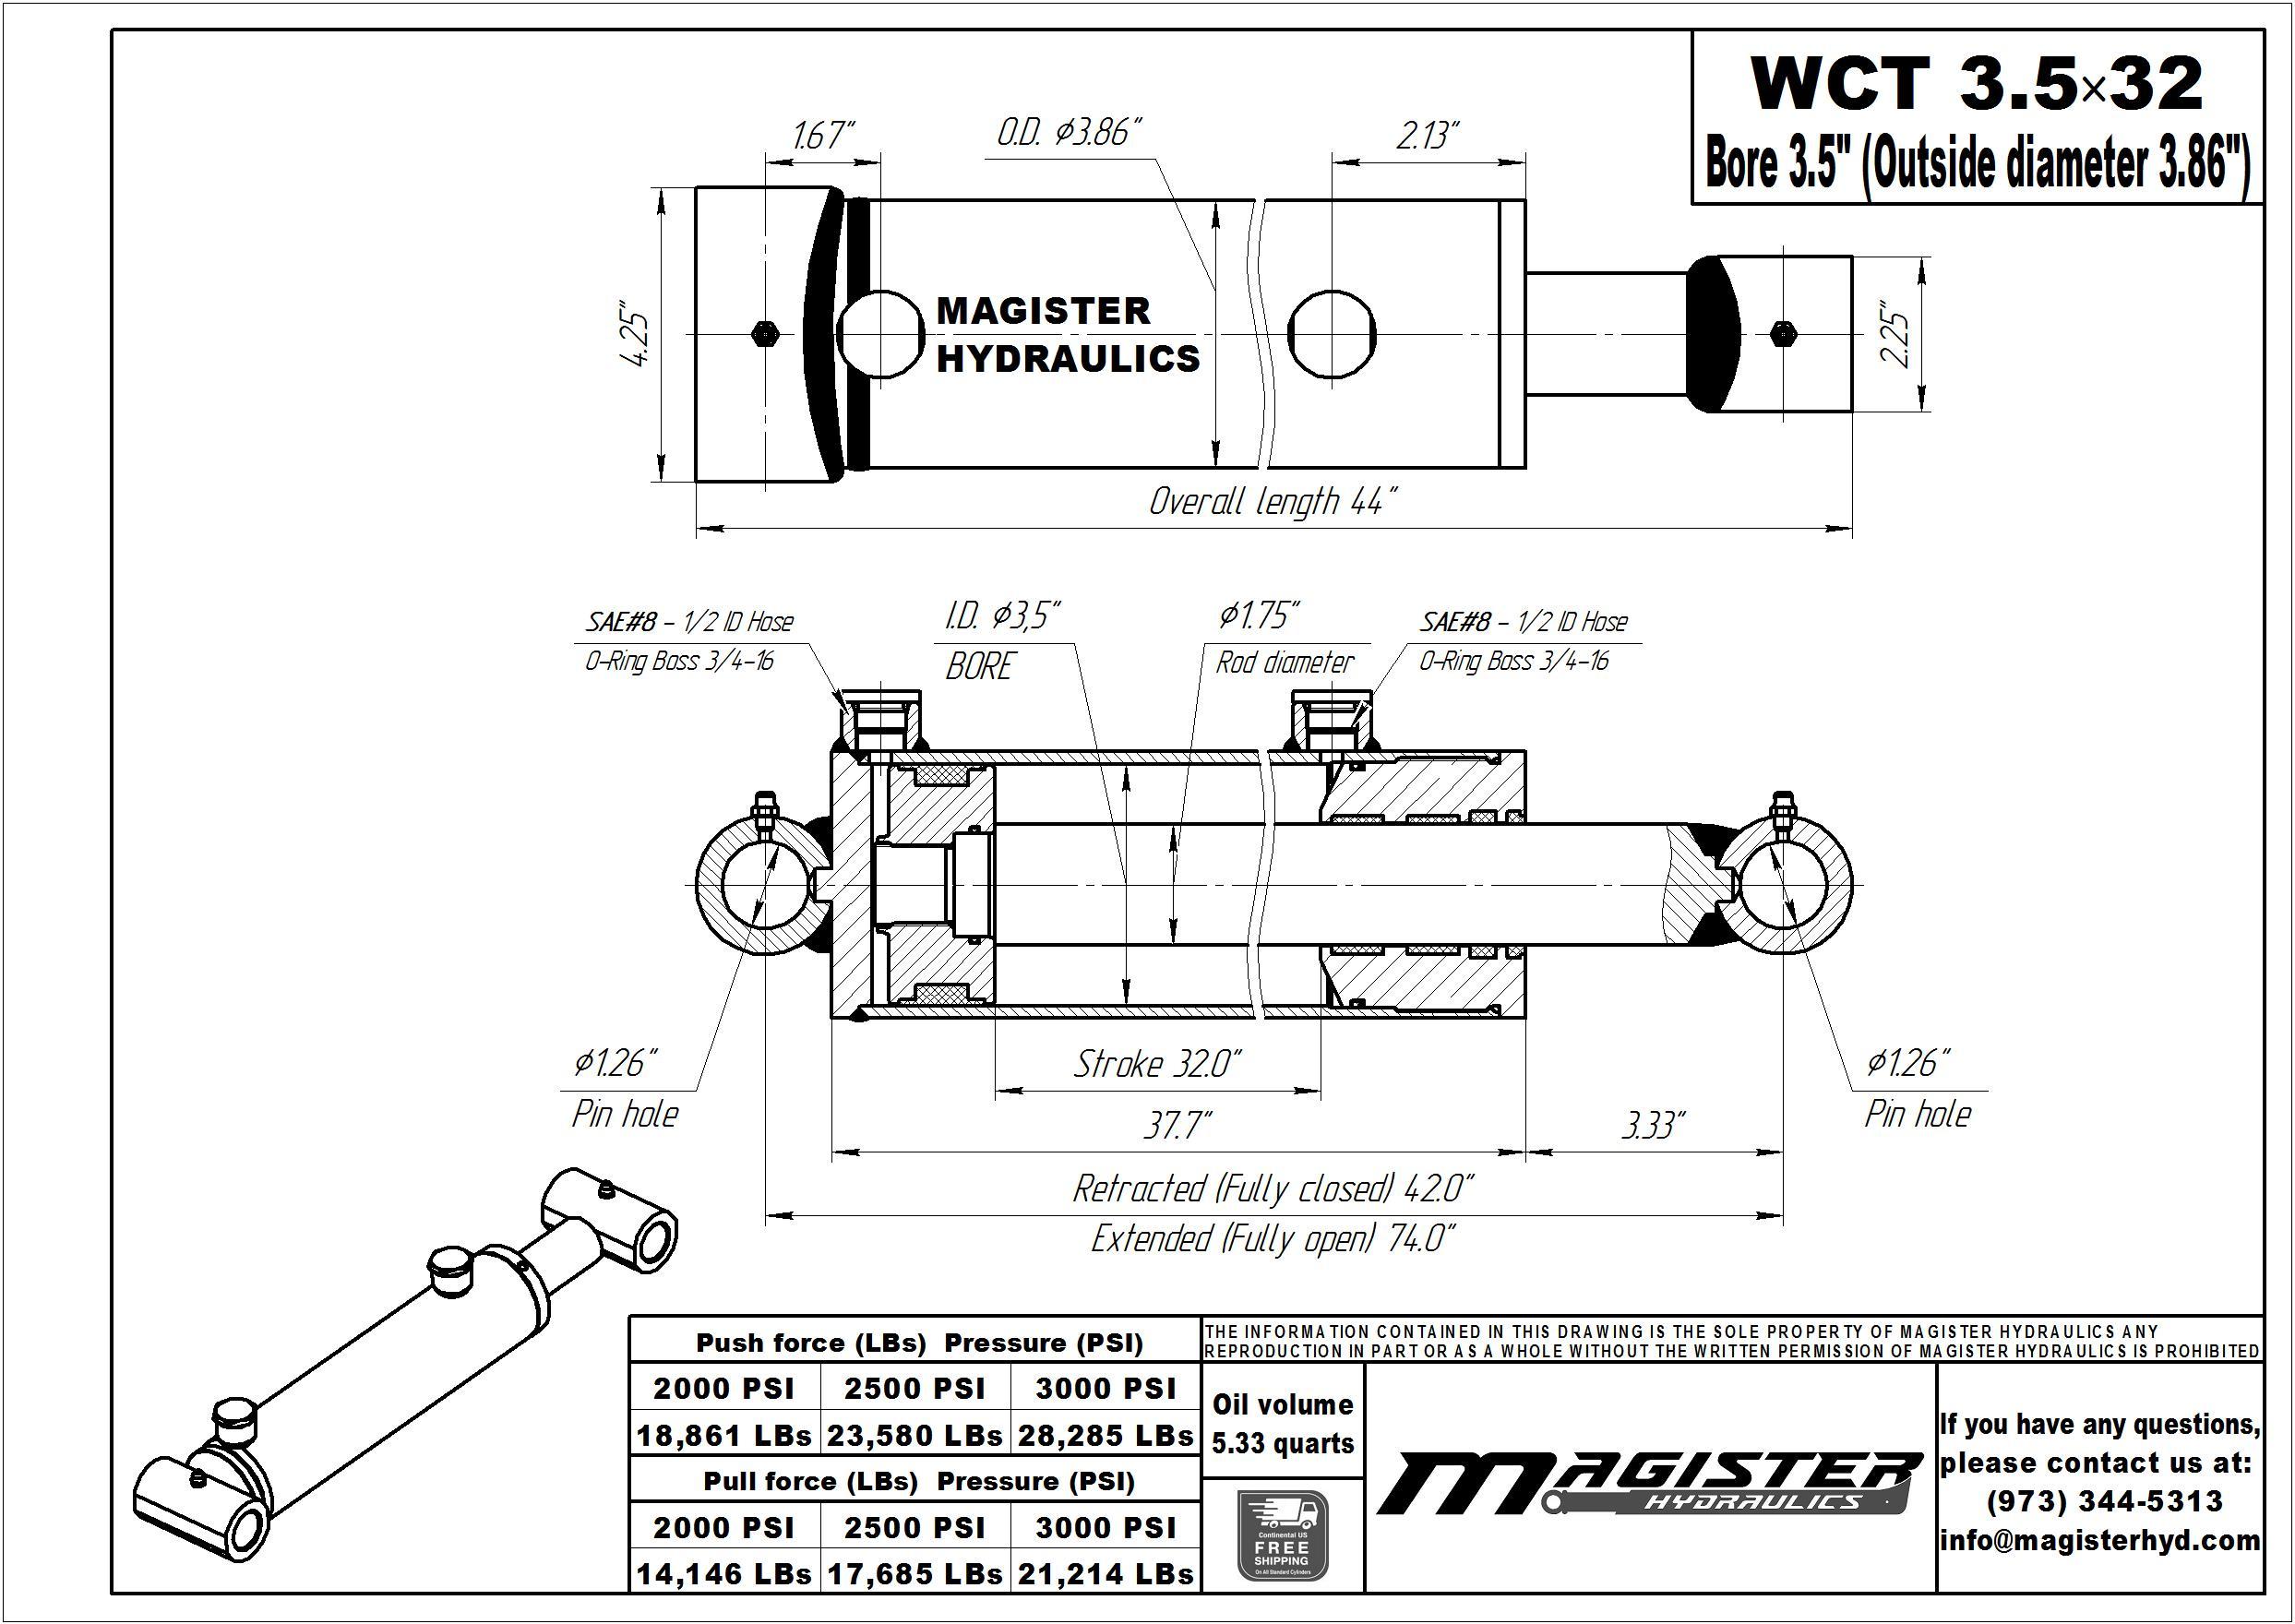 WCT 3.5-32